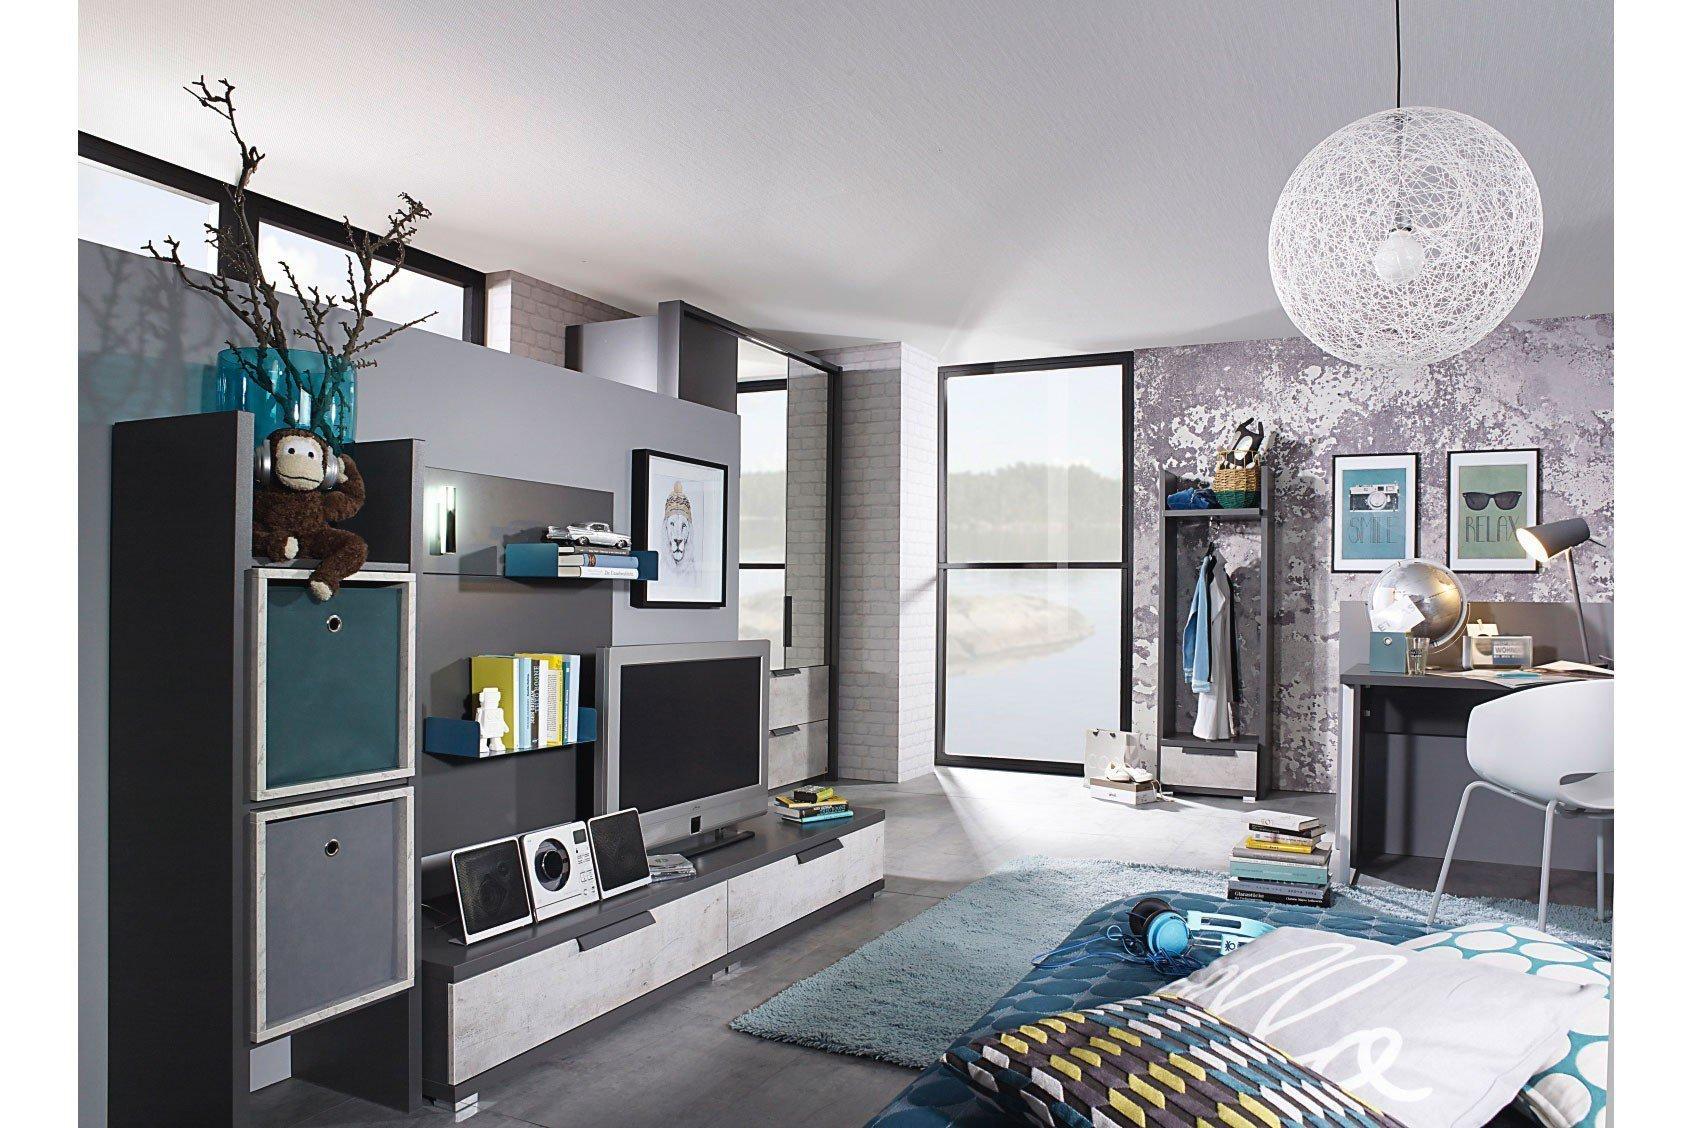 rauch wohnwand nice4teens graphit steingrau m bel letz ihr online shop. Black Bedroom Furniture Sets. Home Design Ideas